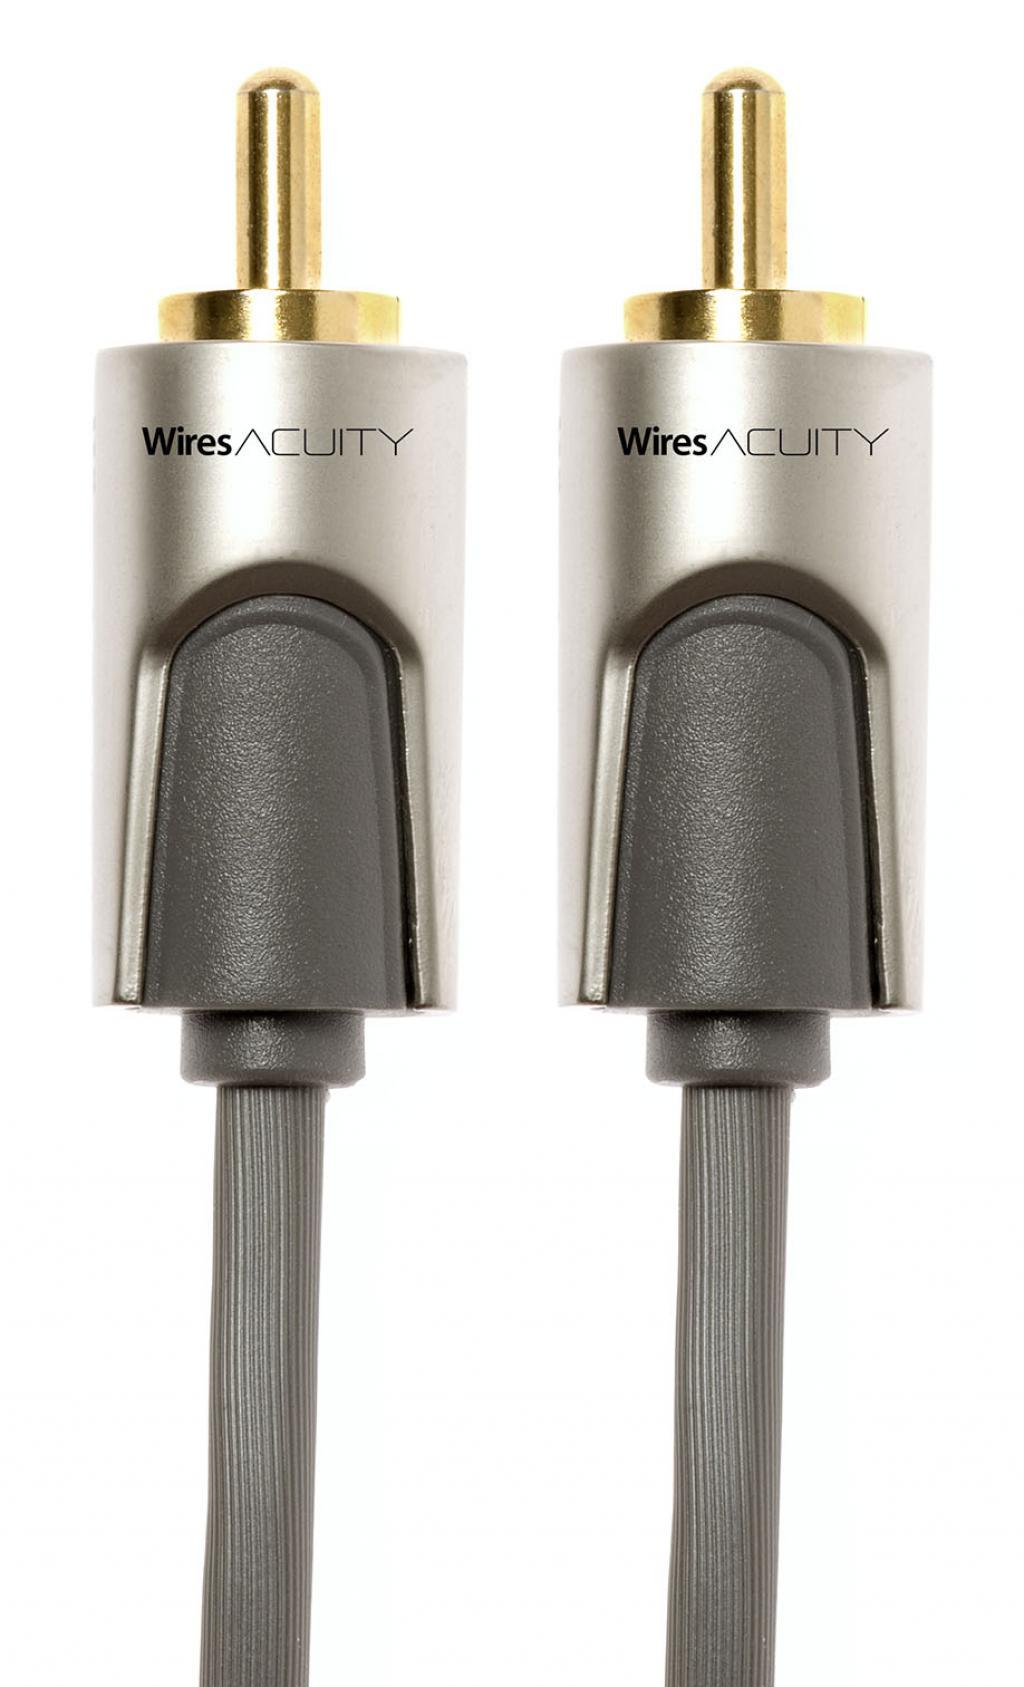 Cablu Digital TechLink WiresAcuity 1.5 metri